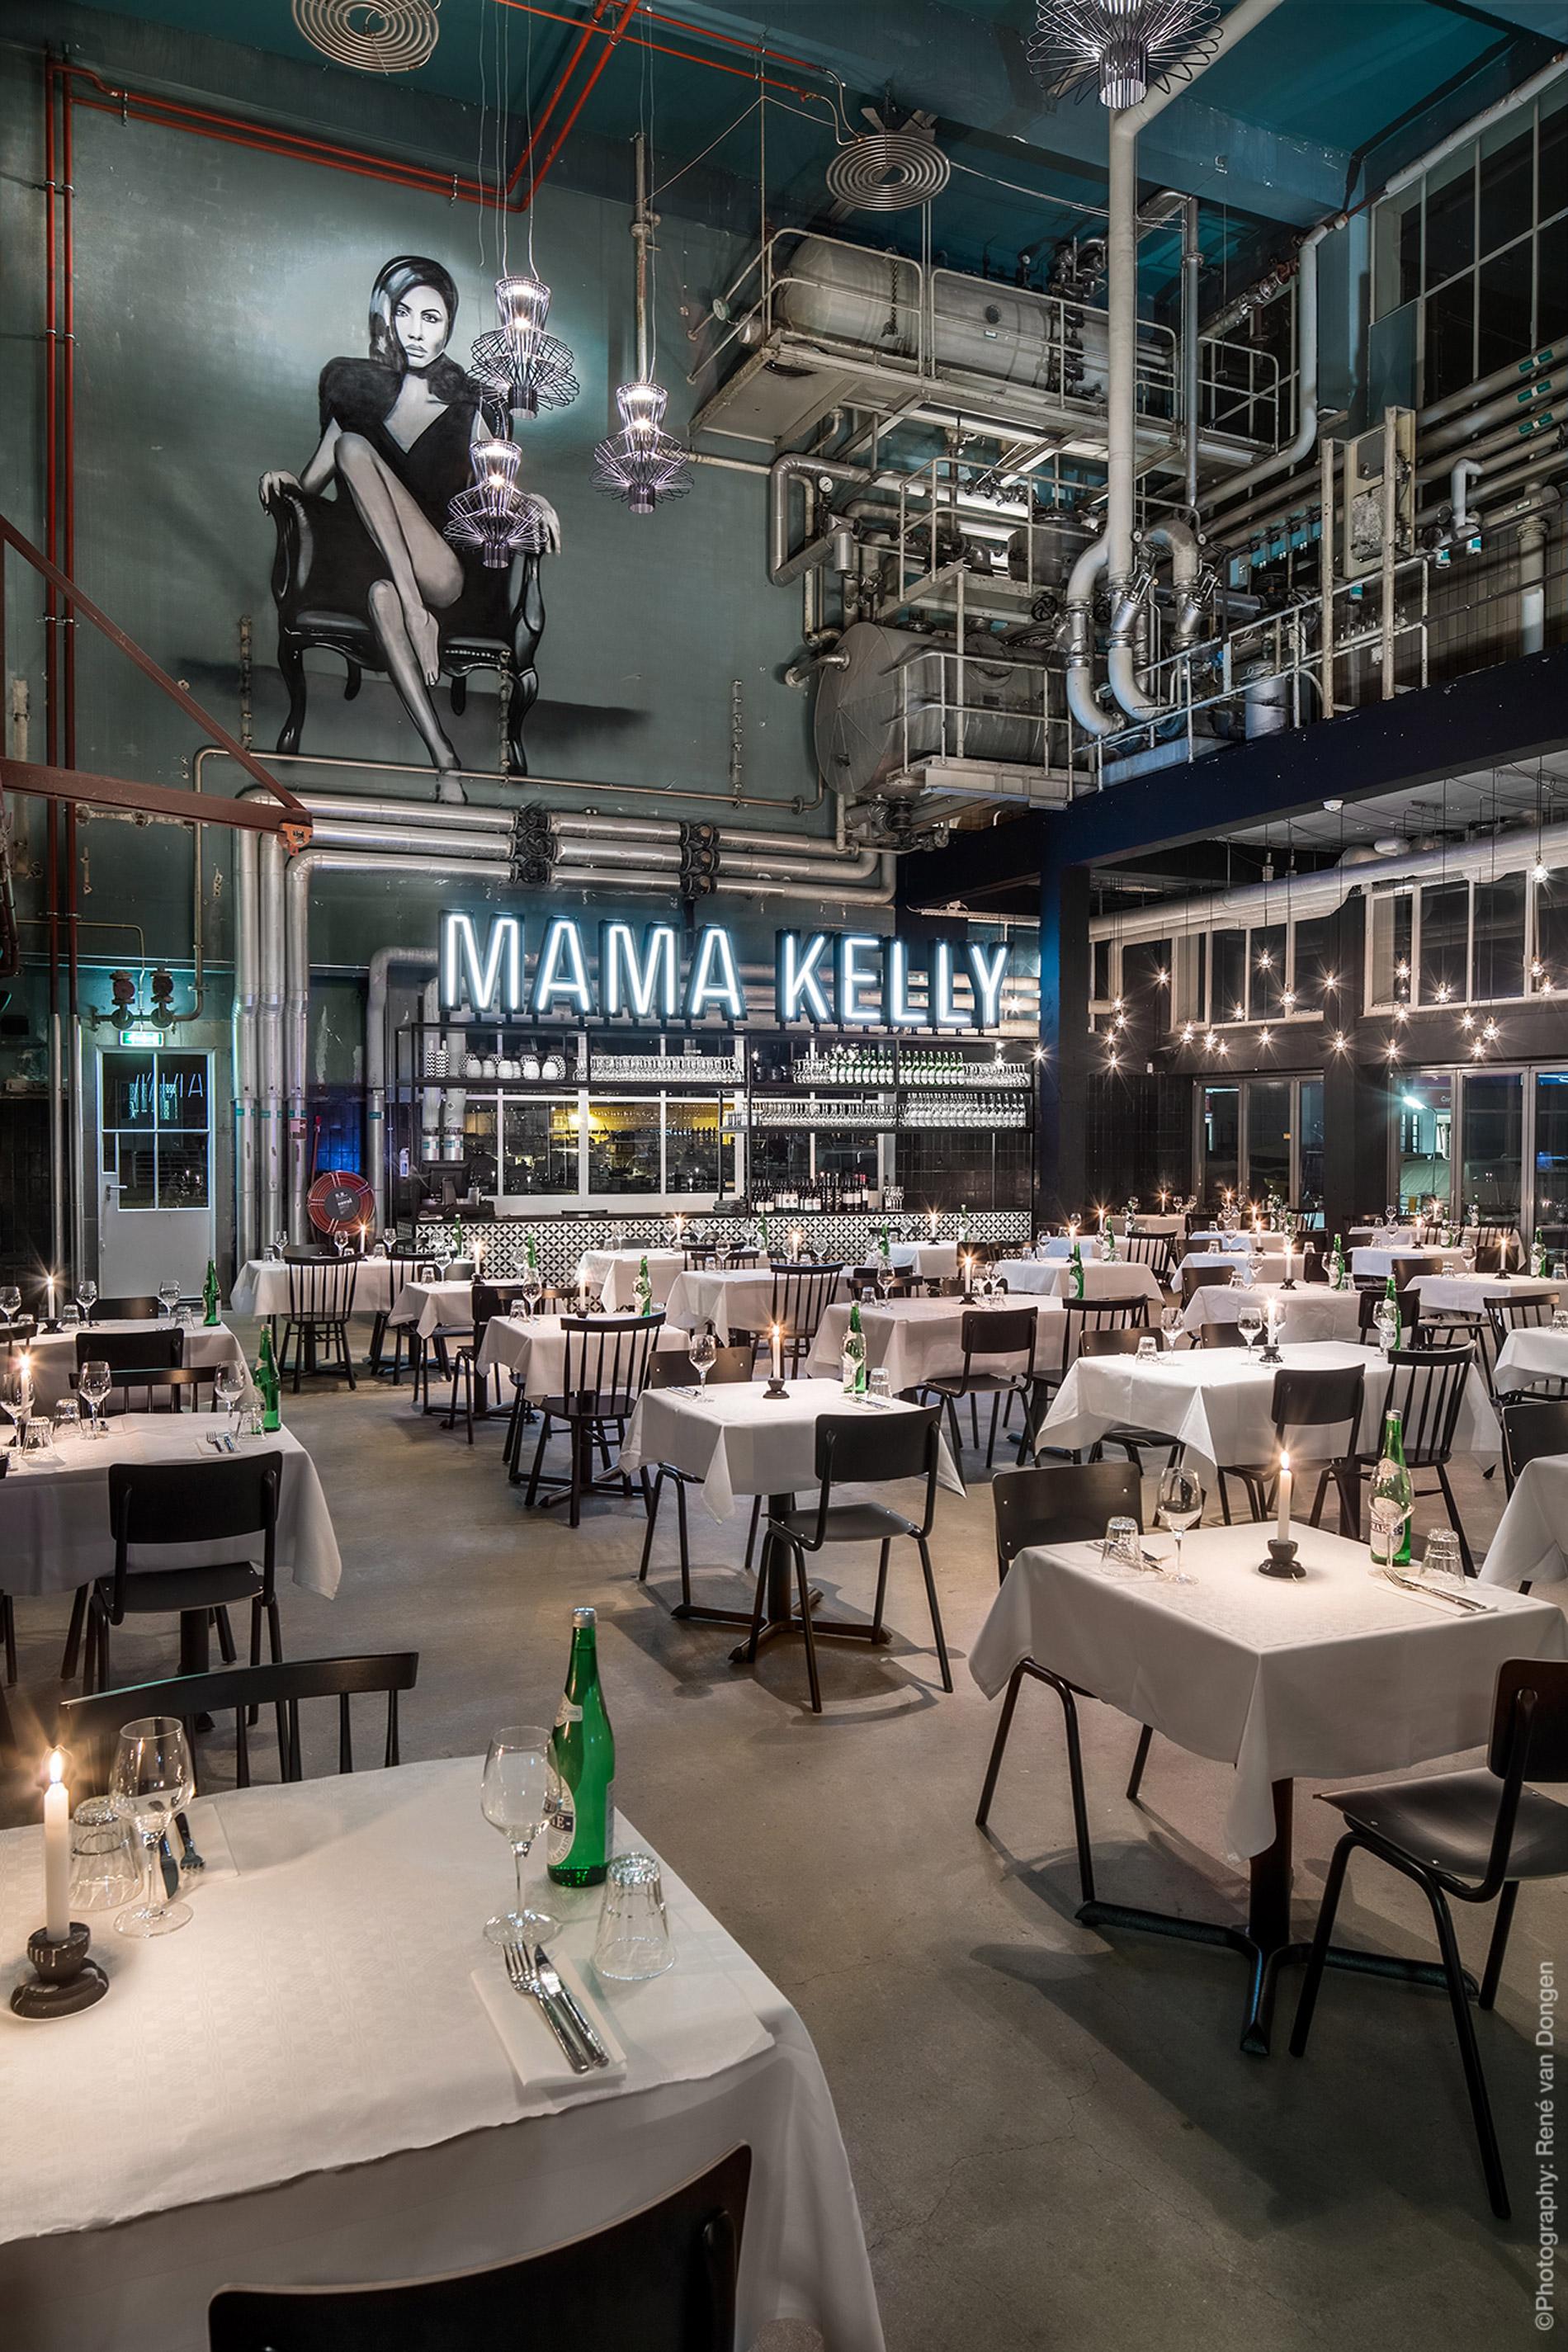 Mama-kelly2